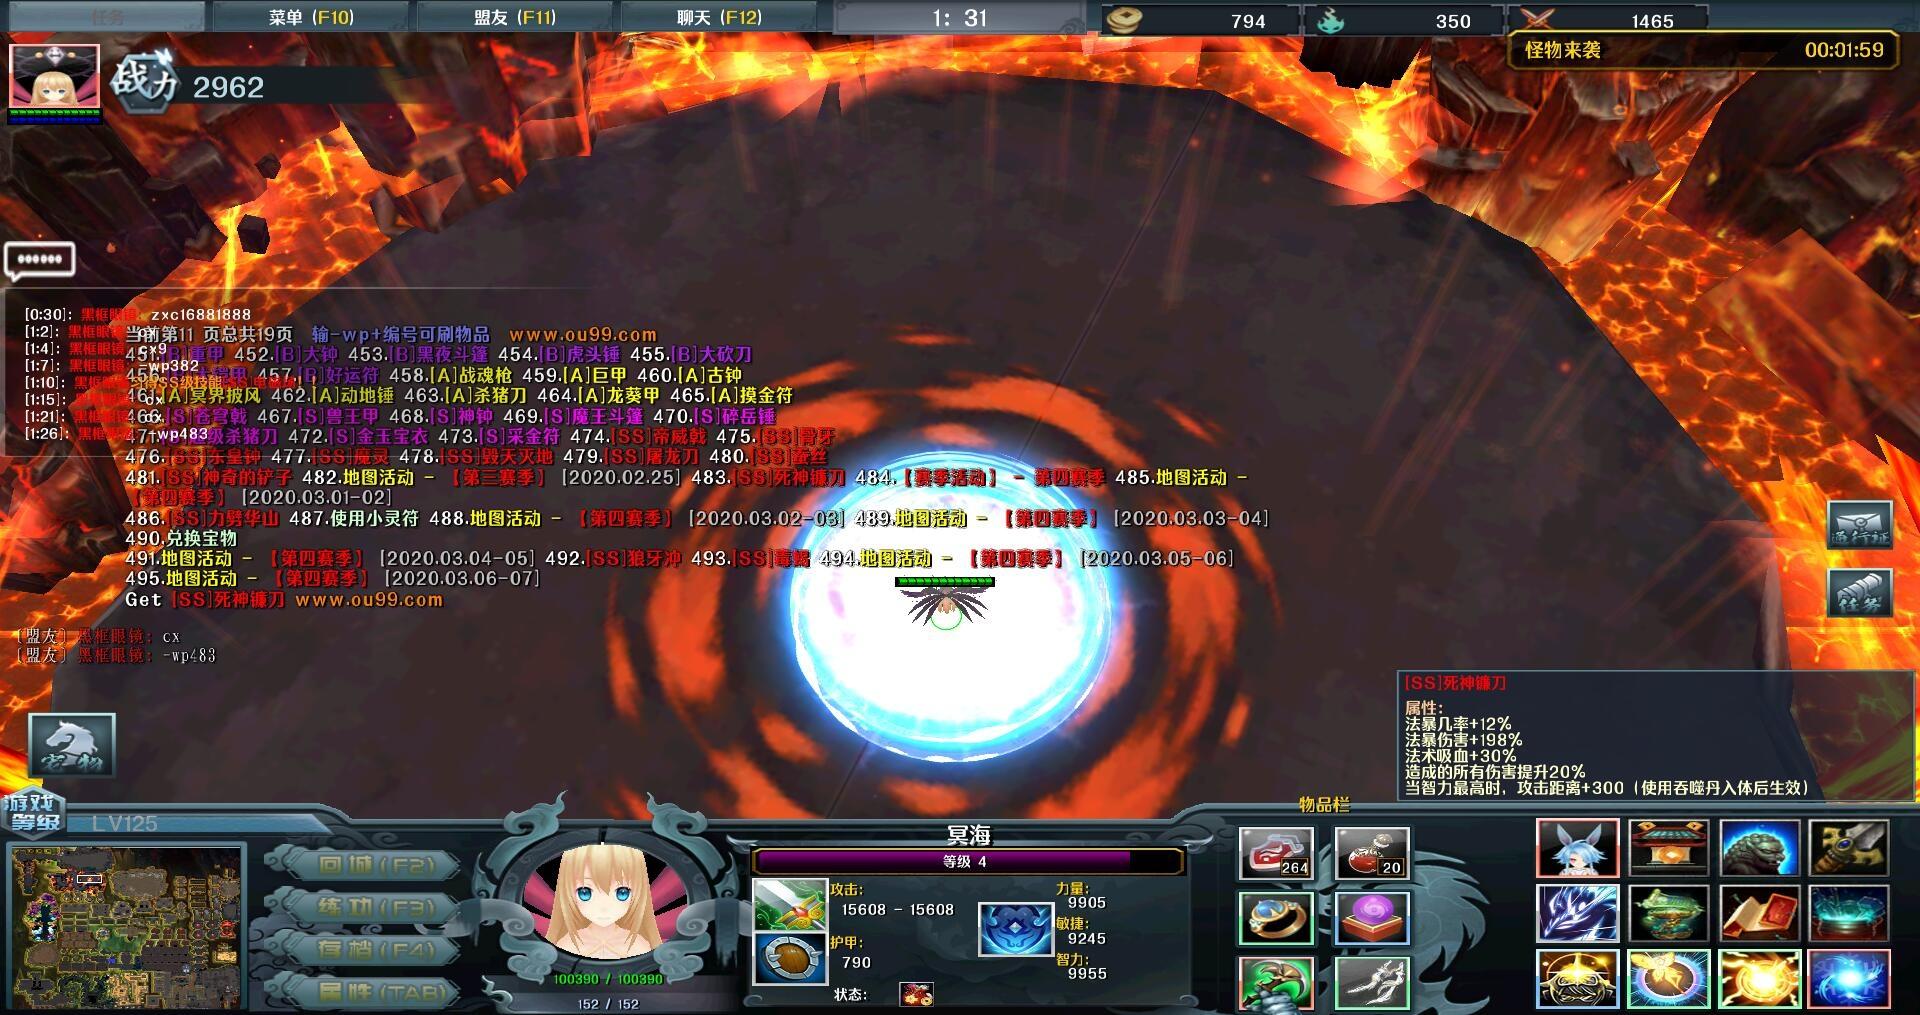 十殿阎罗3.0.0黑式破解版